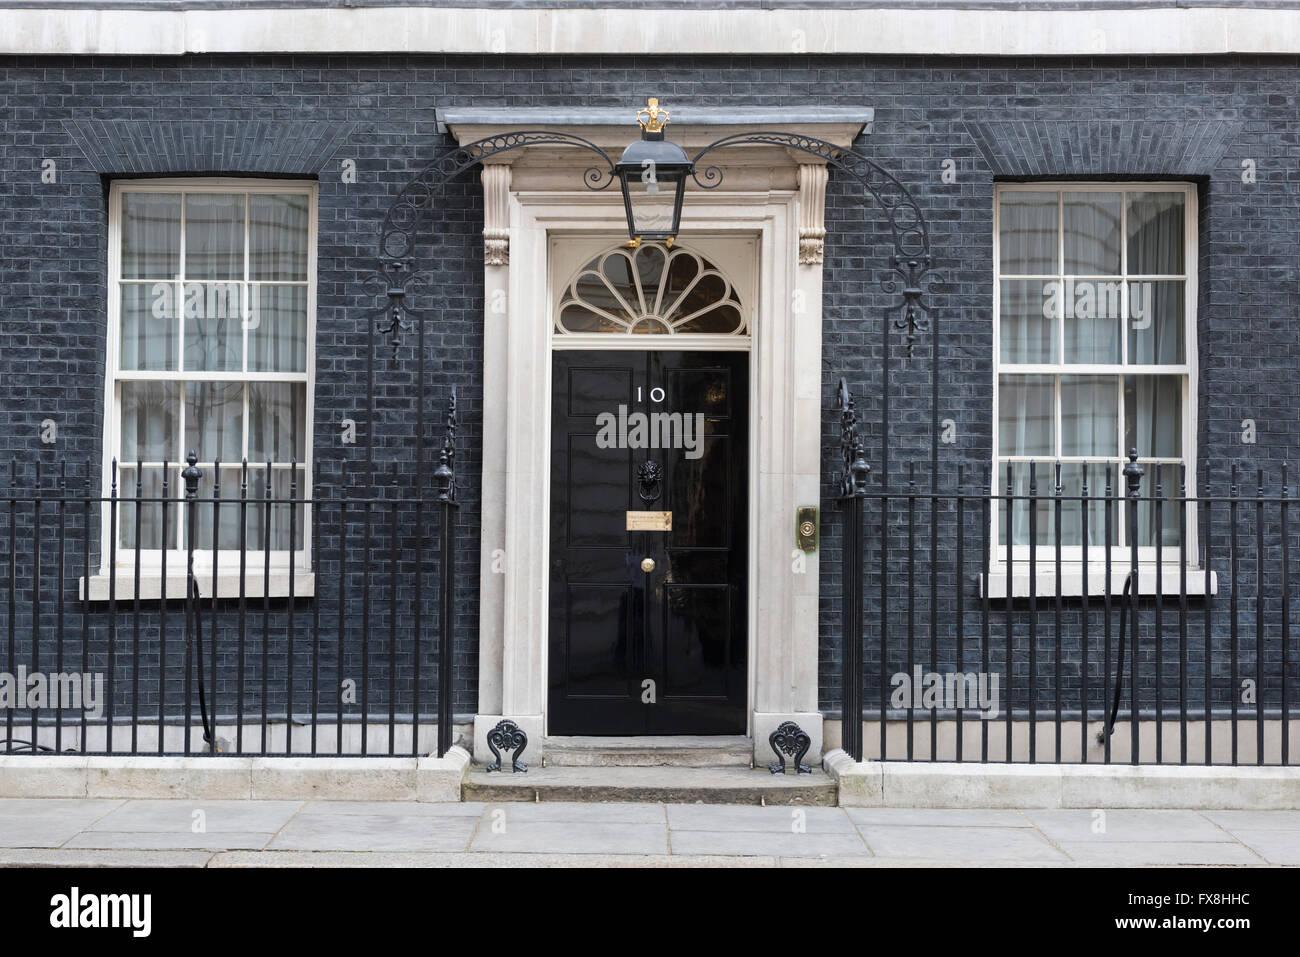 La chiusura dello sportello anteriore del numero 10 di Downing Street a Londra, Inghilterra. Questa è la residenza Immagini Stock